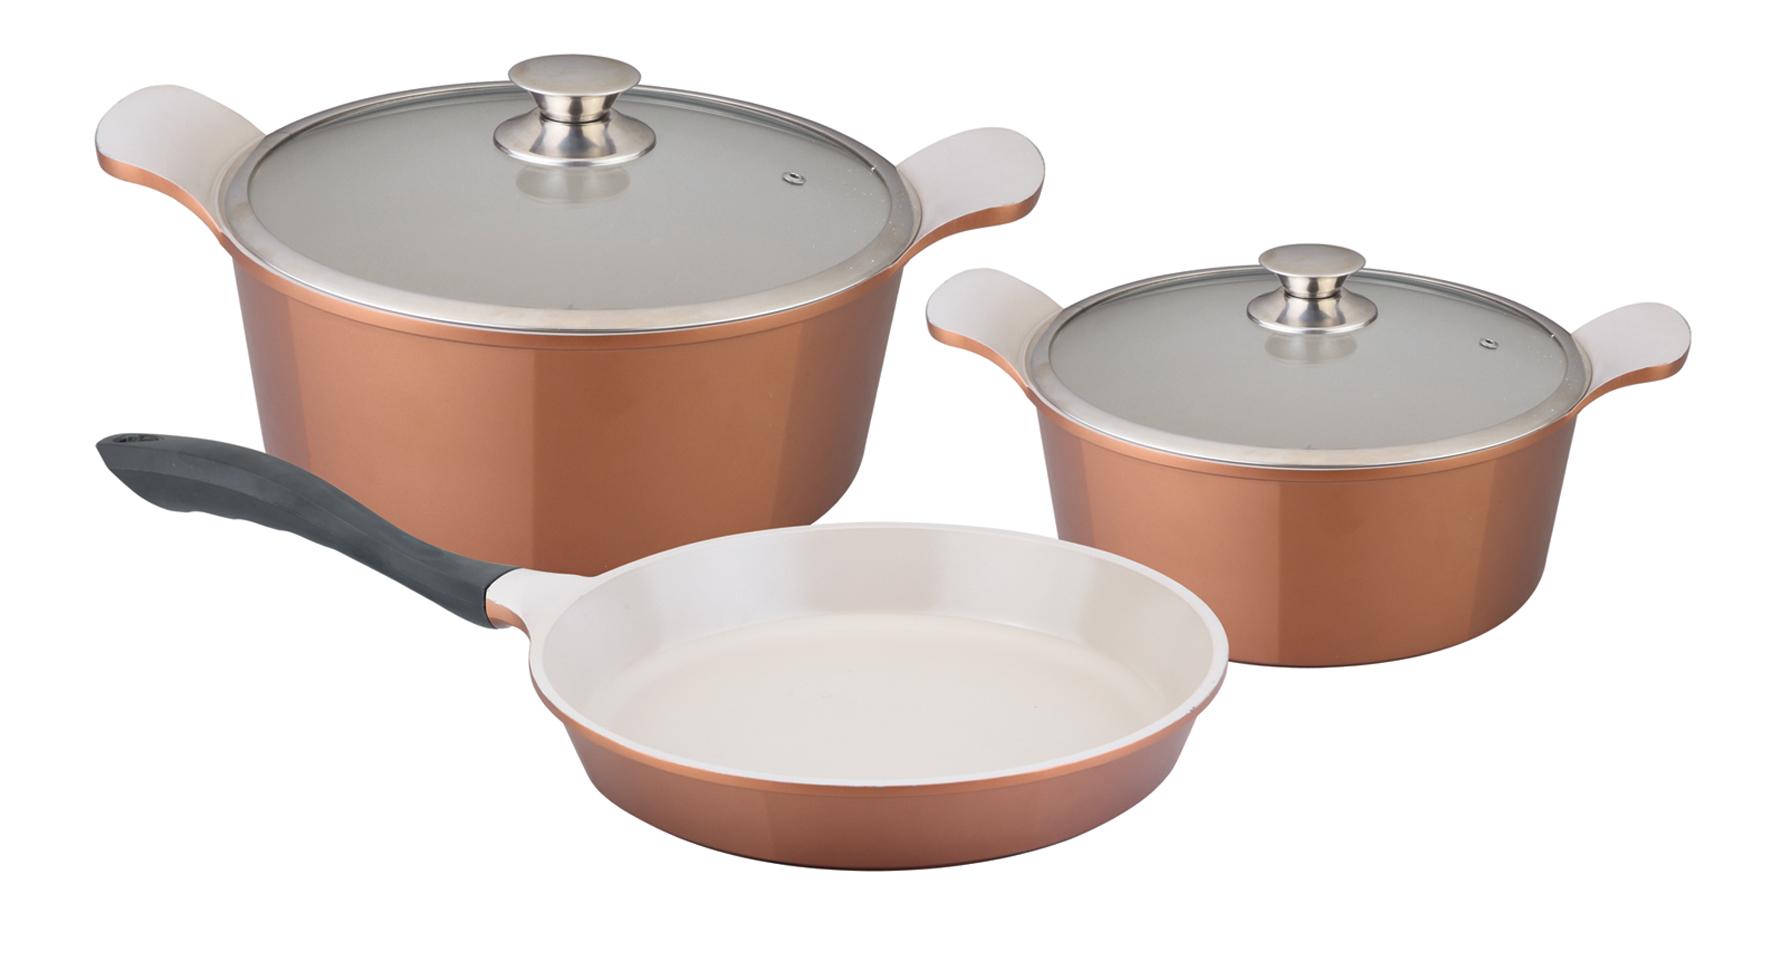 Набор посуды Winner, 5 предметов. WR-1301WR-1301В набор посуды Winner входят: 2 кастрюли с крышками и сковорода. Предметы набора выполнены из высококачественного литого алюминия с антипригарным керамическим нанопокрытием Ceralon. Посуда с нанопокрытием обладает высокой прочностью, жаро-, износо-, коррозийной стойкостью, химической инертностью. При нагревании до высоких температур не выделяет и не впитывает в себя вредных для человека химических соединений. Нанопокрытие гарантирует быстрый и равномерный нагрев посуды и существенную экономию электроэнергии. Данная технология позволяет исключить деформацию корпуса при частом и длительном использовании посуды. Посуда имеет внешнее цветное жаропрочное силиконовое покрытие. Крышки, выполненные из термостойкого стекла, позволят вам следить за процессом приготовления пищи. Крышки плотно прилегают к краям посуды, предотвращая проливание жидкости и сохраняя аромат блюд.Изделия подходят для использования на всех типах плит, включая индукционные. Можно мыть в посудомоечной машине.Это идеальный подарок для современных хозяек, которые следят за своим здоровьем и здоровьем своей семьи. Эргономичный дизайн и функциональность набора позволят вам наслаждаться процессом приготовления любимых, полезных для здоровья блюд. Характеристики: Материал: литой алюминий, стекло. Объем кастрюль: 2,4 л, 6,3 л. Внутренний диаметр кастрюль: 20 см, 28 см. Высота стенок кастрюль: 8,7 см, 11,5 см. Диаметр индукционного дна кастрюль: 15,5 см, 21 см. Внутренний диаметр сковороды: 28 см. Объем сковороды: 2,5 л. Высота стенки сковороды: 4 см. Длина ручки сковороды: 23 см. Диаметр индукционного дна сковороды: 21,5 см. Толщина стенок посуды: 2 мм. Толщина дна посуды: 0,5 см. Производитель: Германия. Изготовитель: Китай. УВАЖАЕМЫЕ КЛИЕНТЫ! Обращаем ваше внимание на тот факт, что объем кастрюли указан максимальный, с учетомполного наполнения до кромки. Рабочий объем кастрюли имеет меньший литраж.